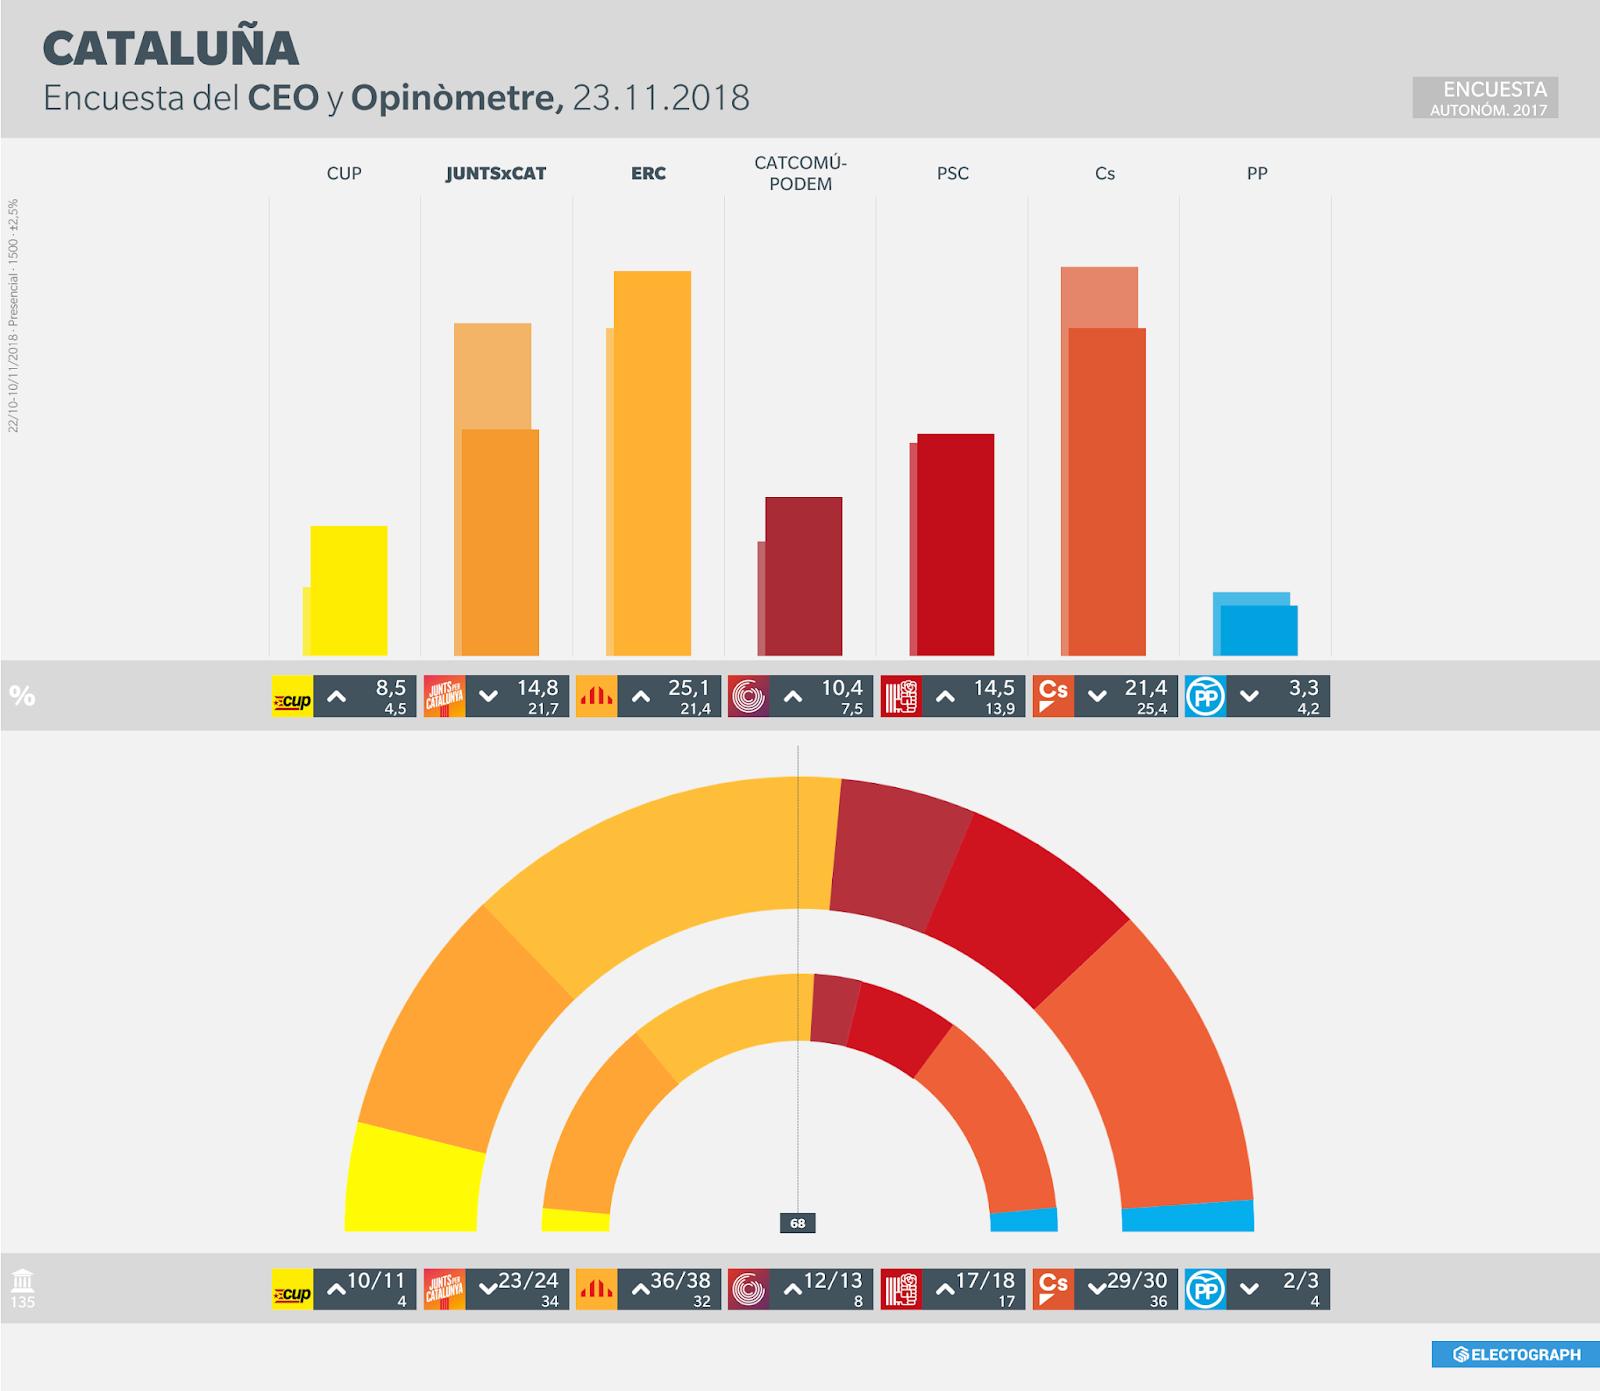 Gráfico de la encuesta para elecciones autonómicas en Cataluña realizada por el CEO y Opinòmetre en noviembre de 2018